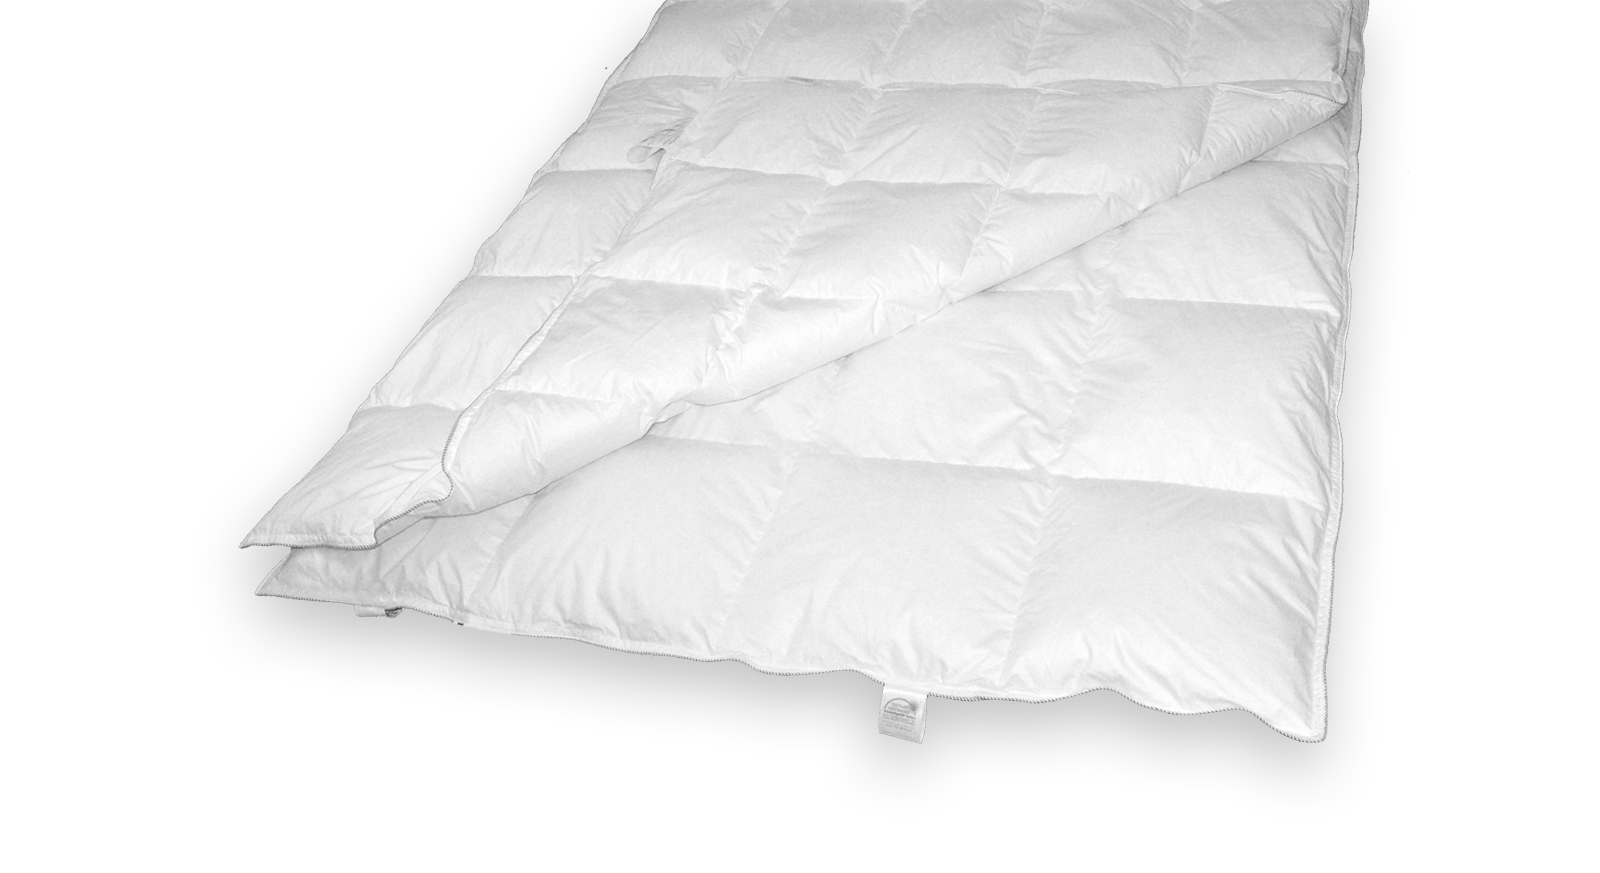 Daunen-Kombi-Bettdecke CleverSleep für Allergiker